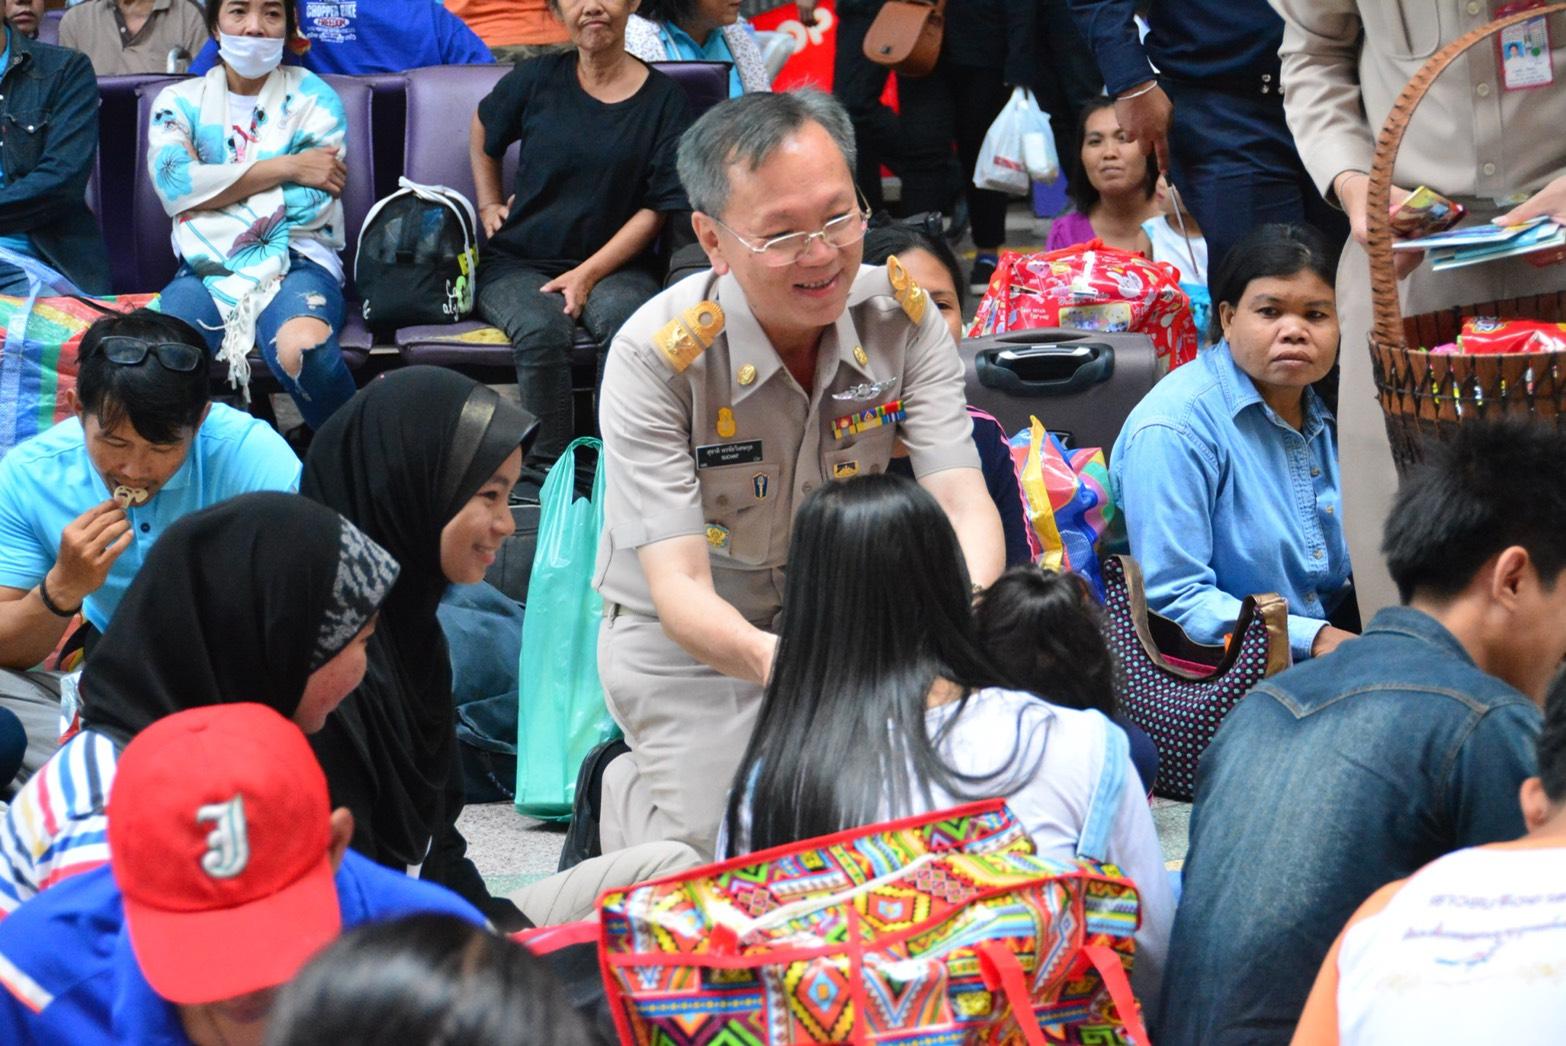 นายสุชาติ  พรชัยวิเศษกุล รองอธิบดีกรมการจัดหางาน และคณะร่วมส่งแรงงานไทยกลับบ้านช่วงเทศกาลสงกรานต์ ตามโครงการส่งแรงงานไทยกลับบ้านช่วงเทศกาลสงกรานต์ ประจำปี 2561 ซึ่งสำนักงานจัดหางานกรุงเทพมหานครพื้นที่ 1 จัดขึ้น ณ สถานีรถไฟกรุงเทพฯ หัวลำโพง กรุงเทพมหานคร